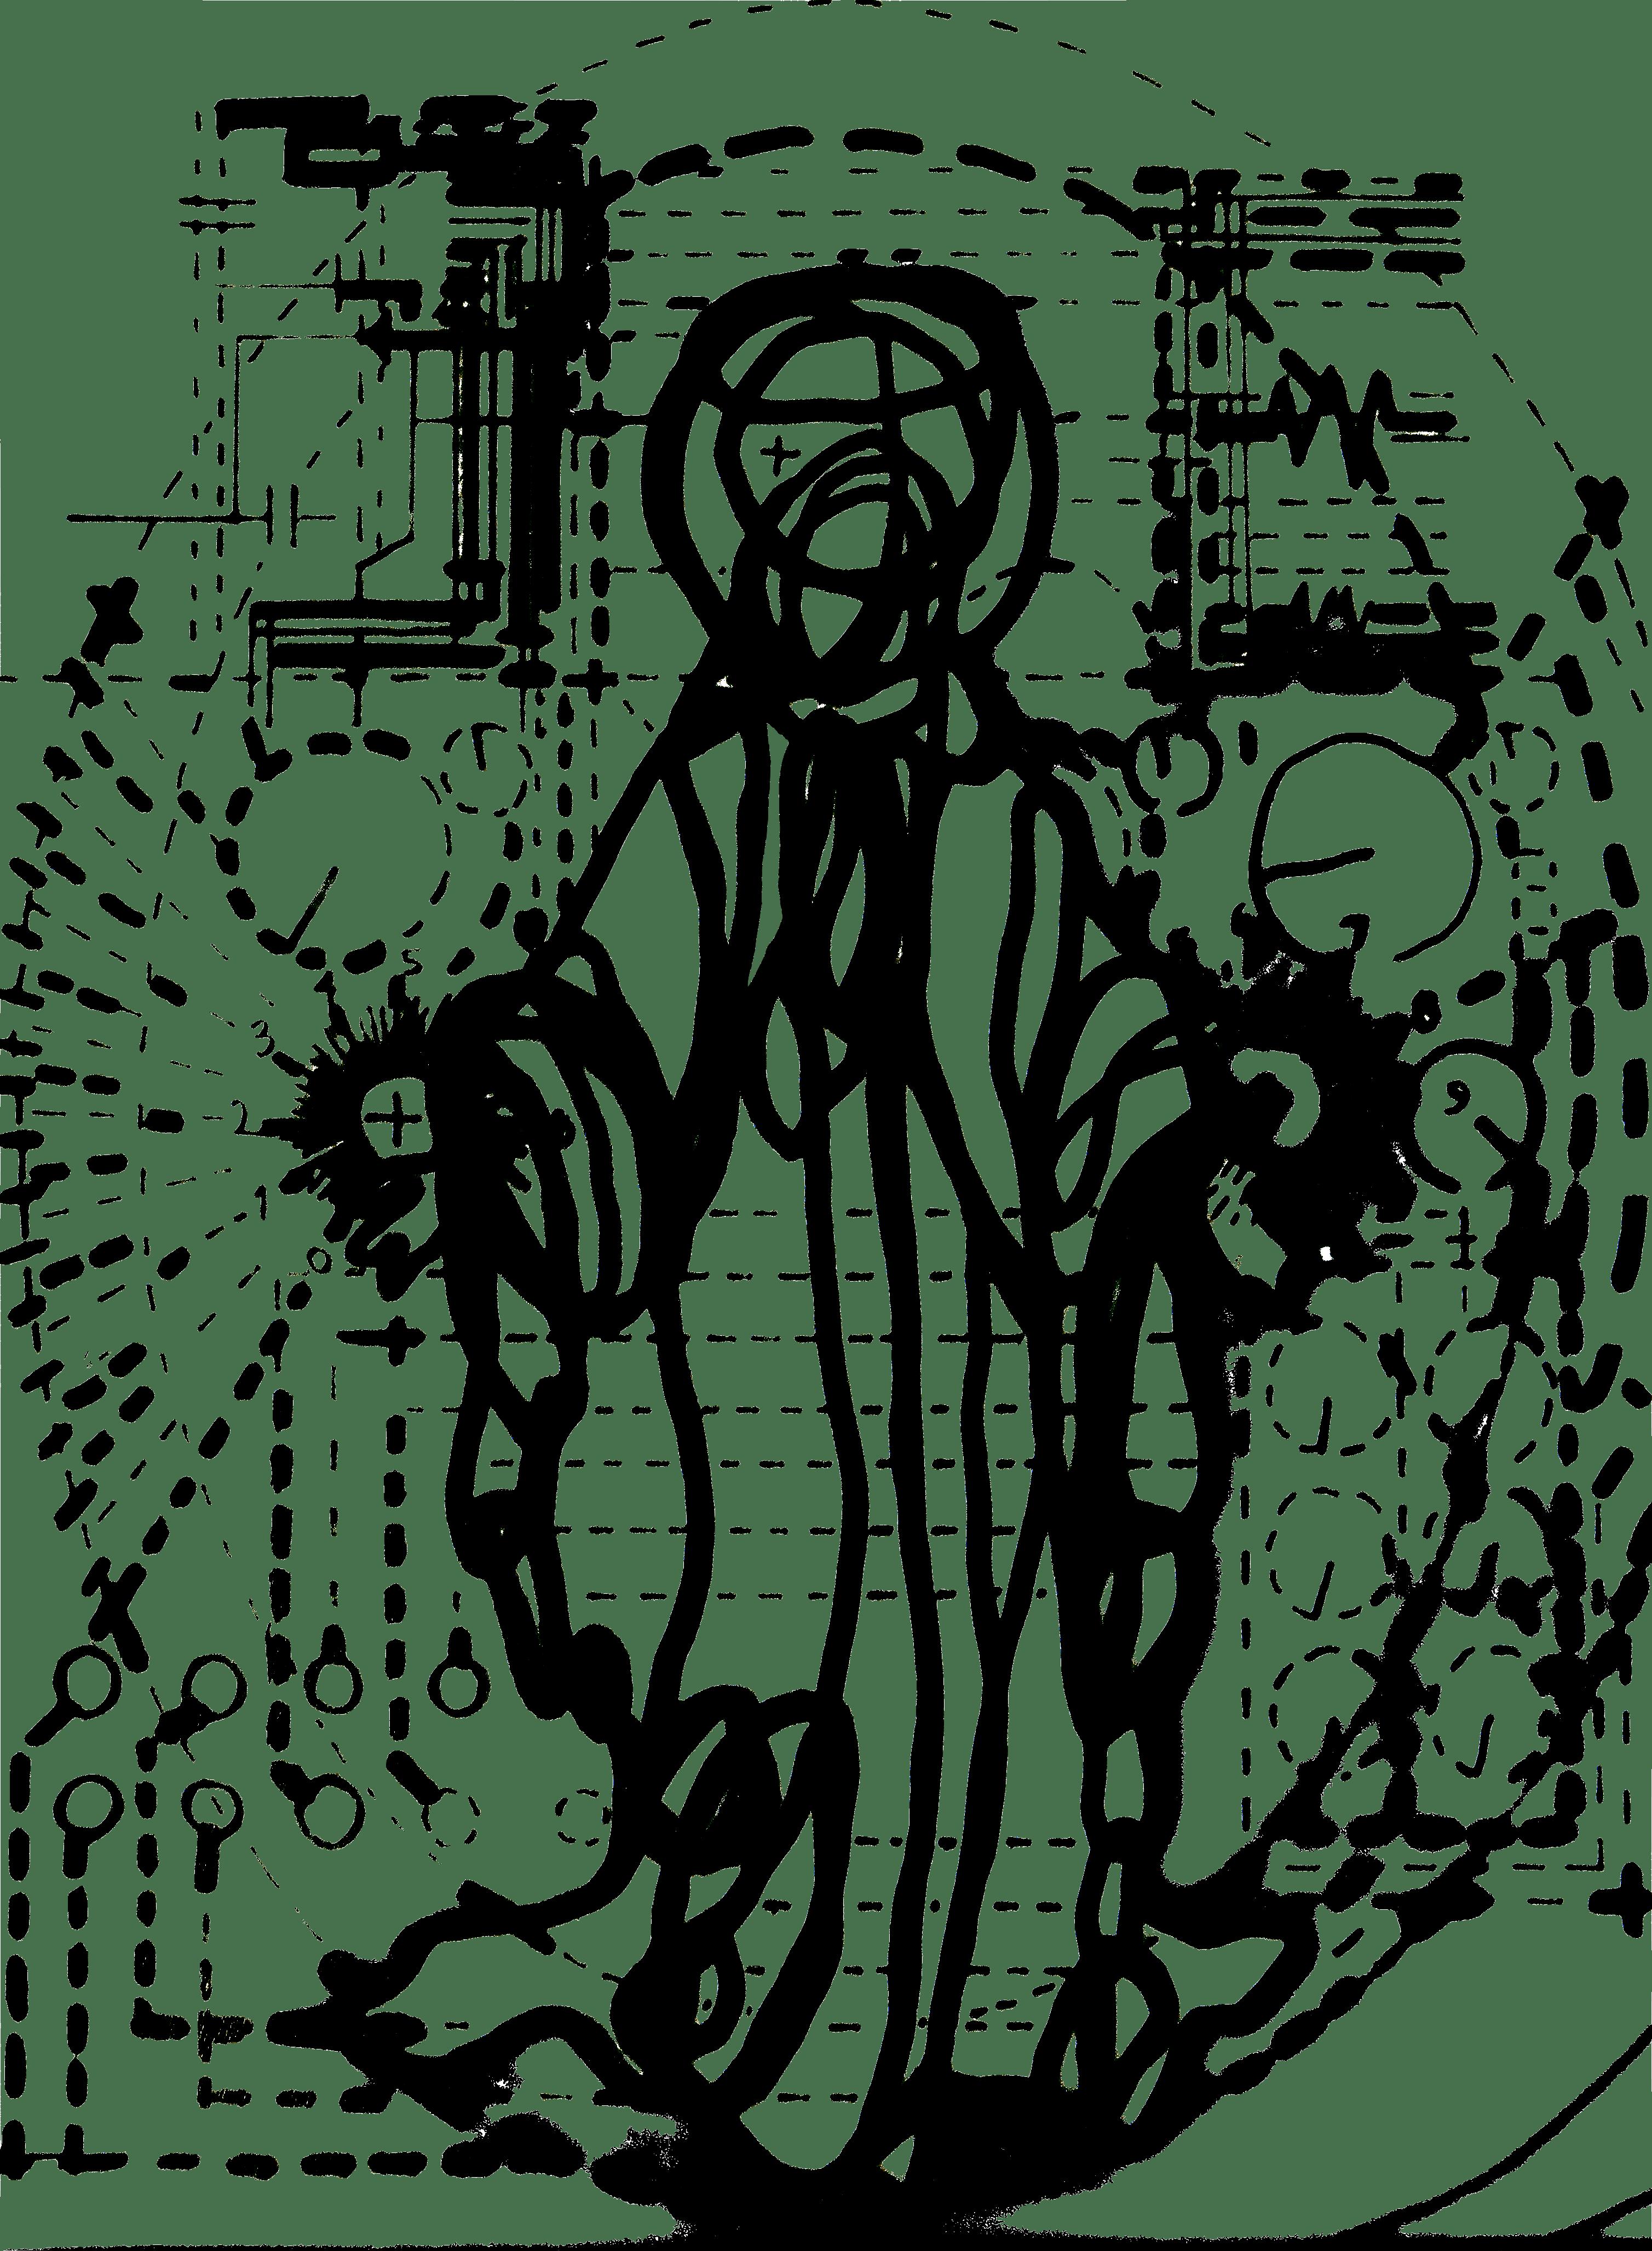 La Virgen del Sub